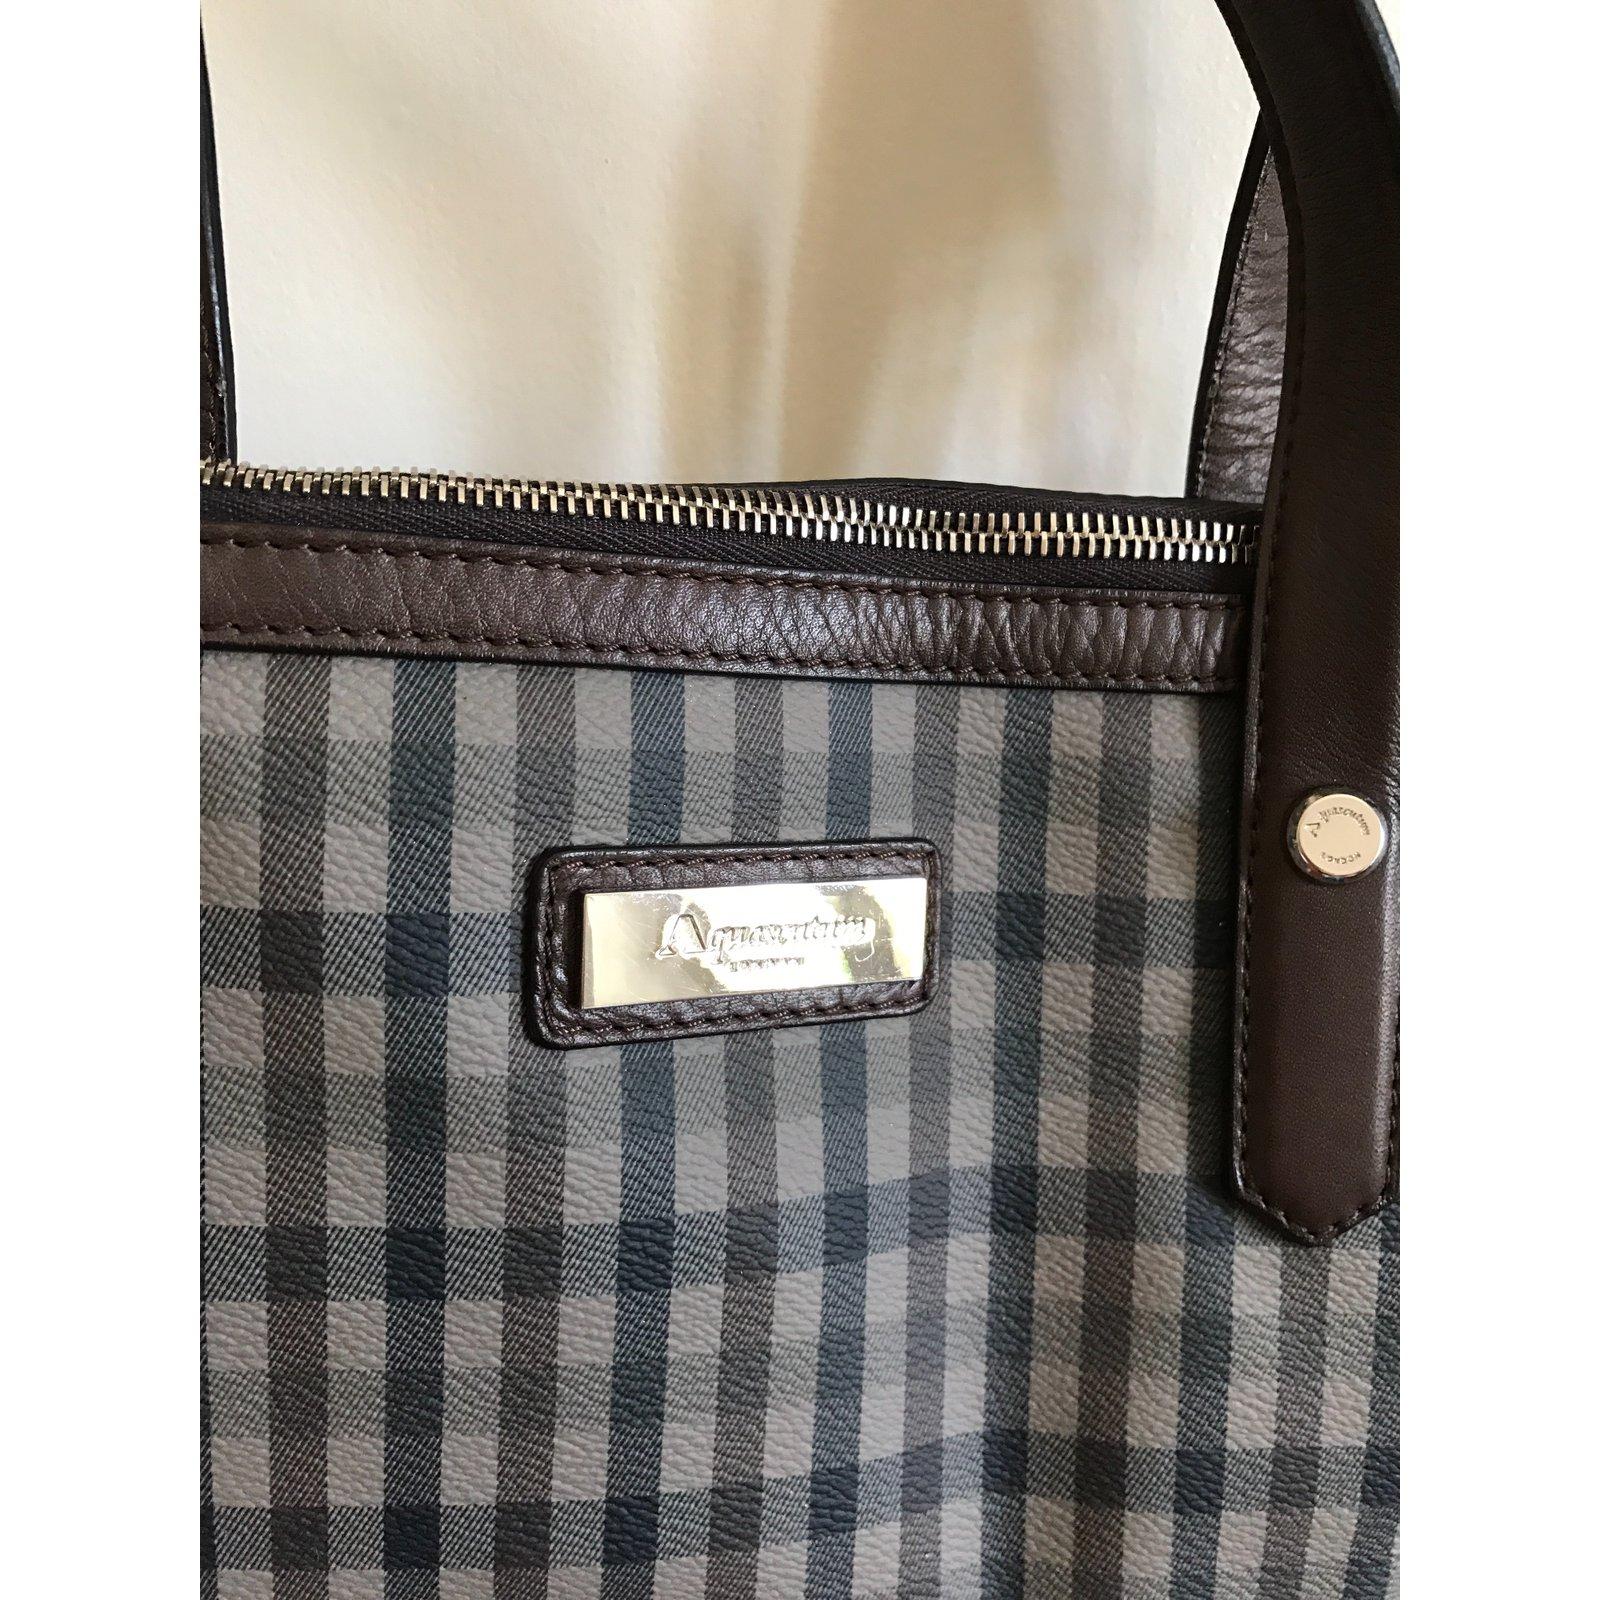 Aquascutum Handbag Handbags Lambskin Multiple Colors Ref 41289 Joli Closet